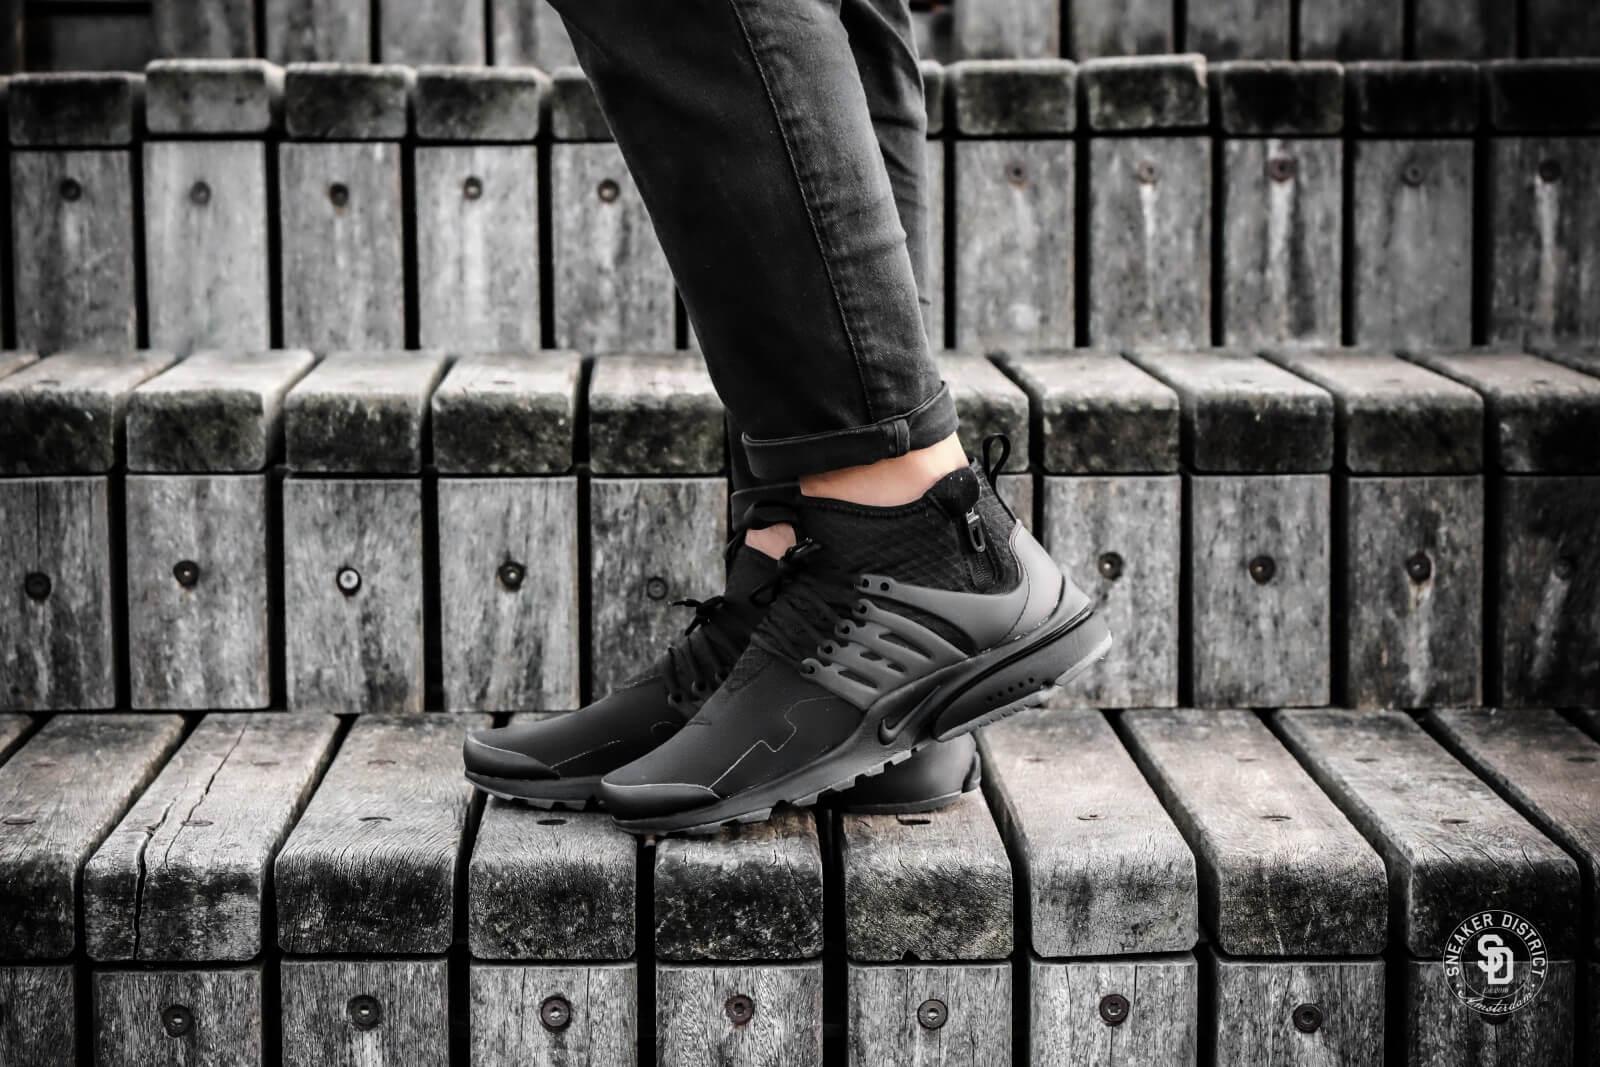 Nike Air Presto Mid Utility Black/Dark Grey